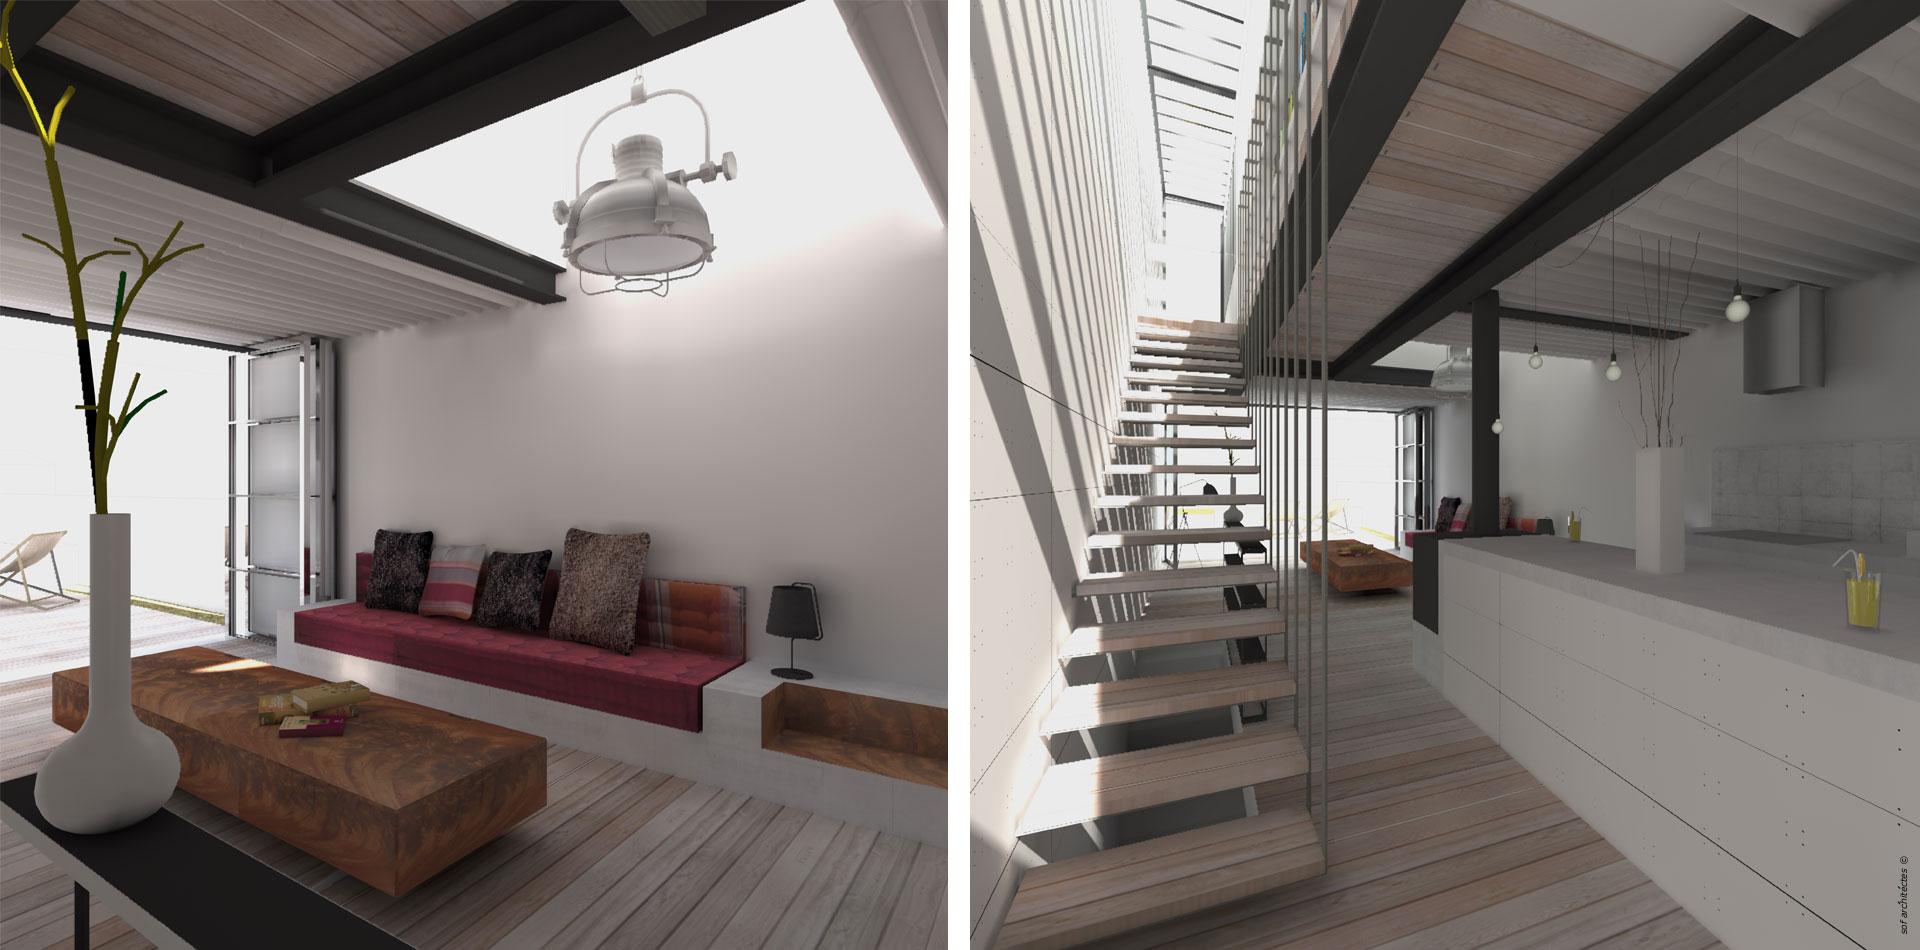 Sof architectes montreuilsof architectes for Cout verriere exterieure